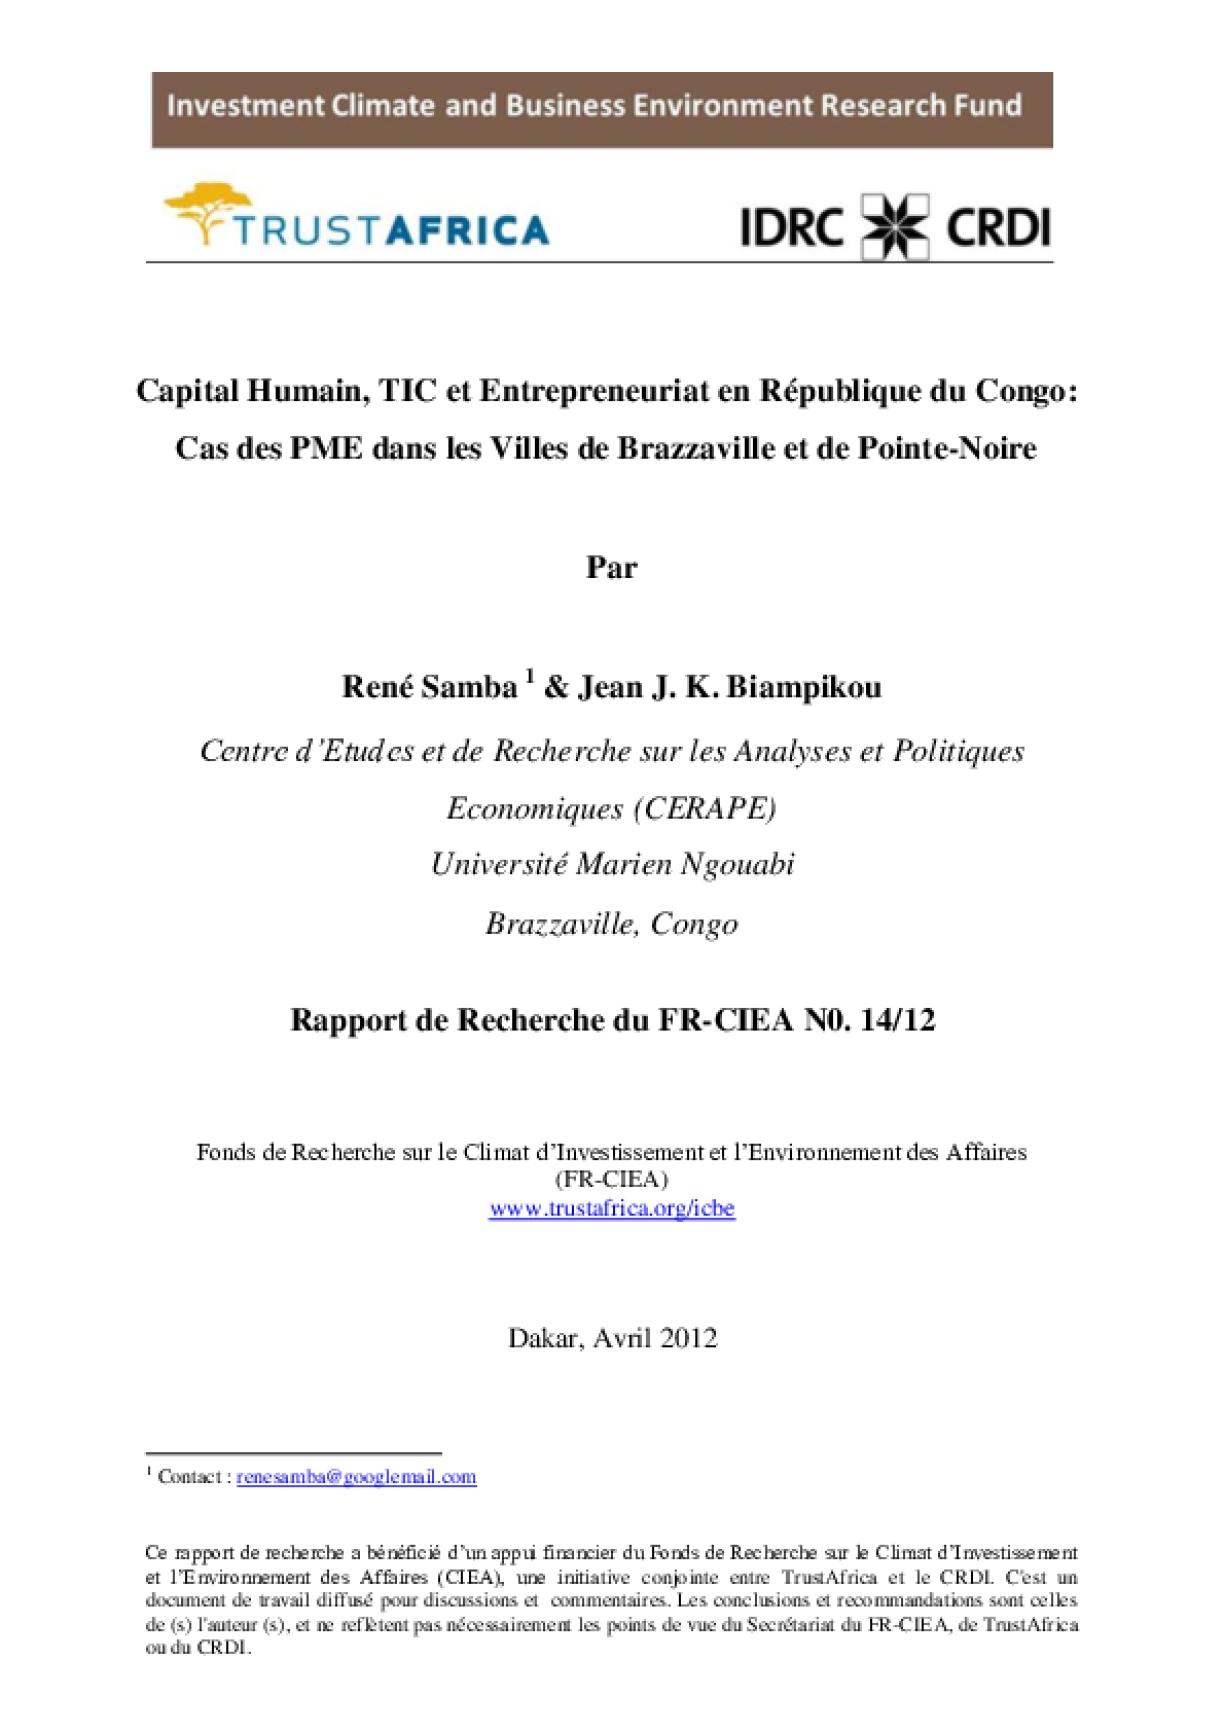 Capital Humain, TIC et Entrepreneuriat en Republique du Congo_Cas des PME dans les Villes de Brazzaville et de Pointe-Noire